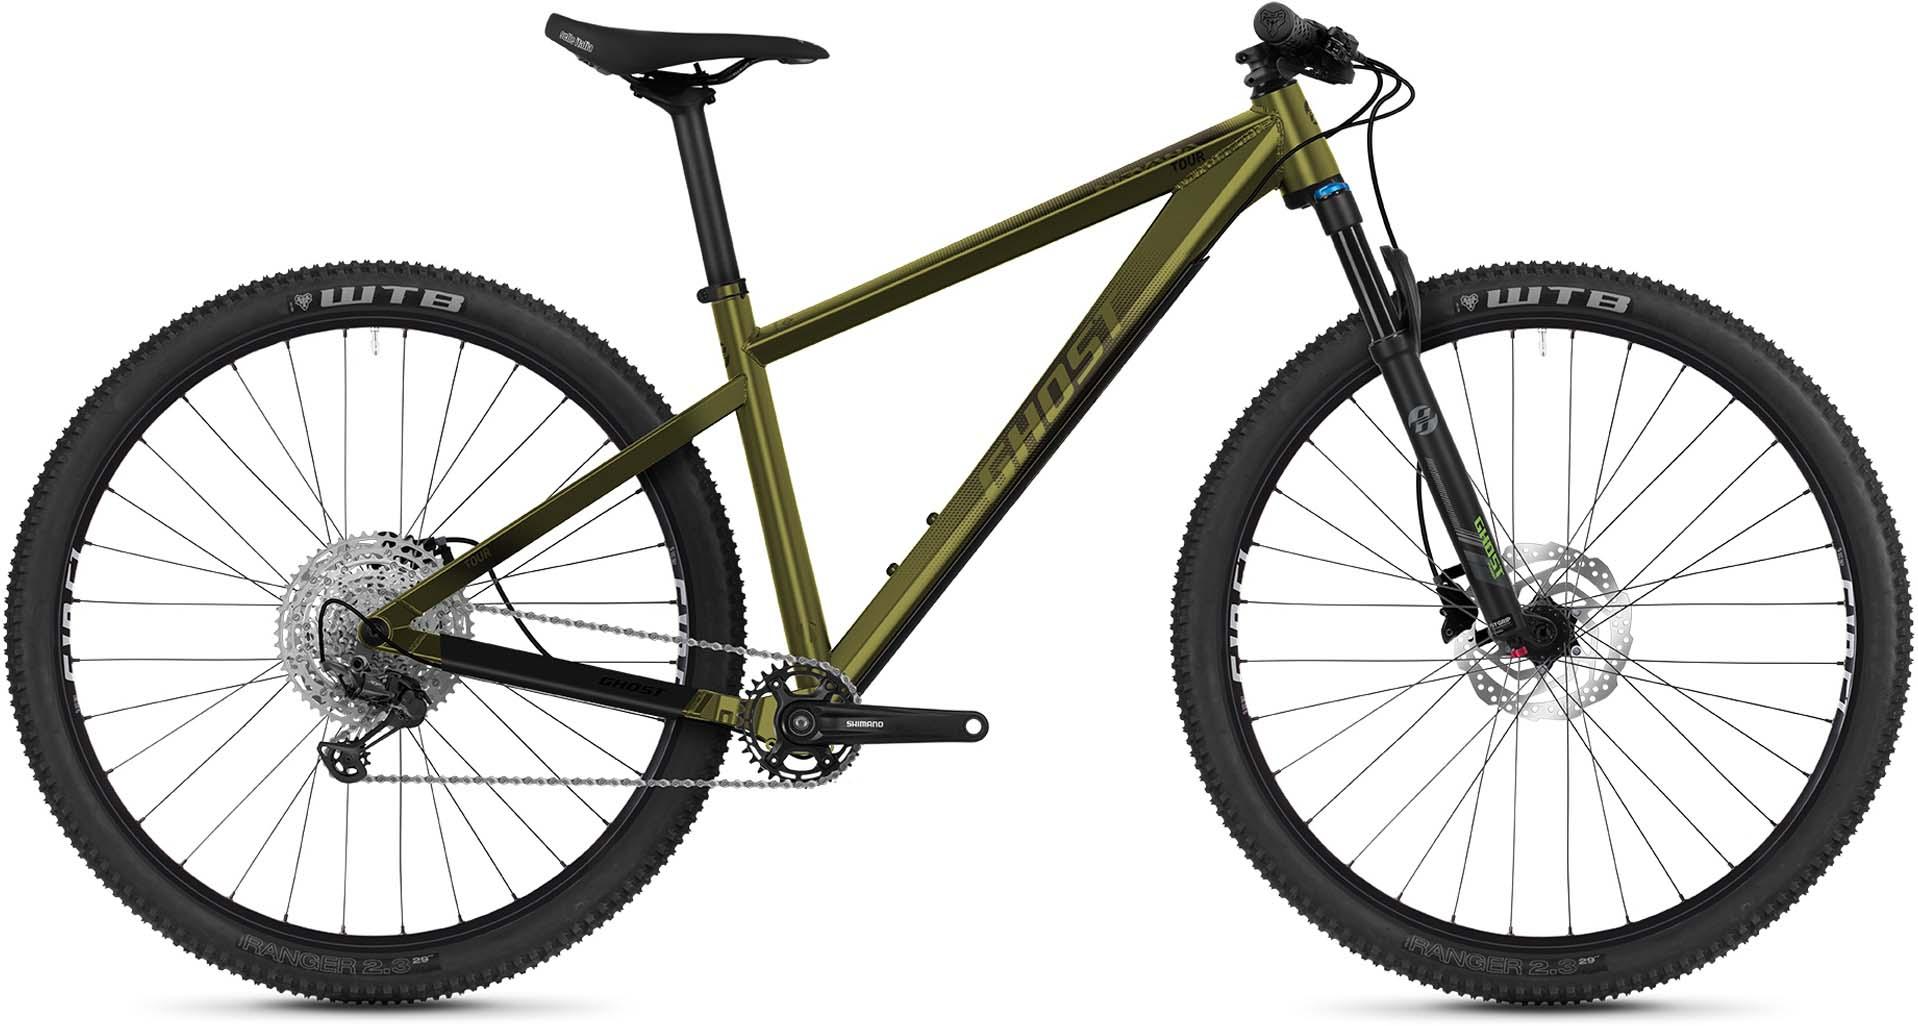 www.mhw-bike.it